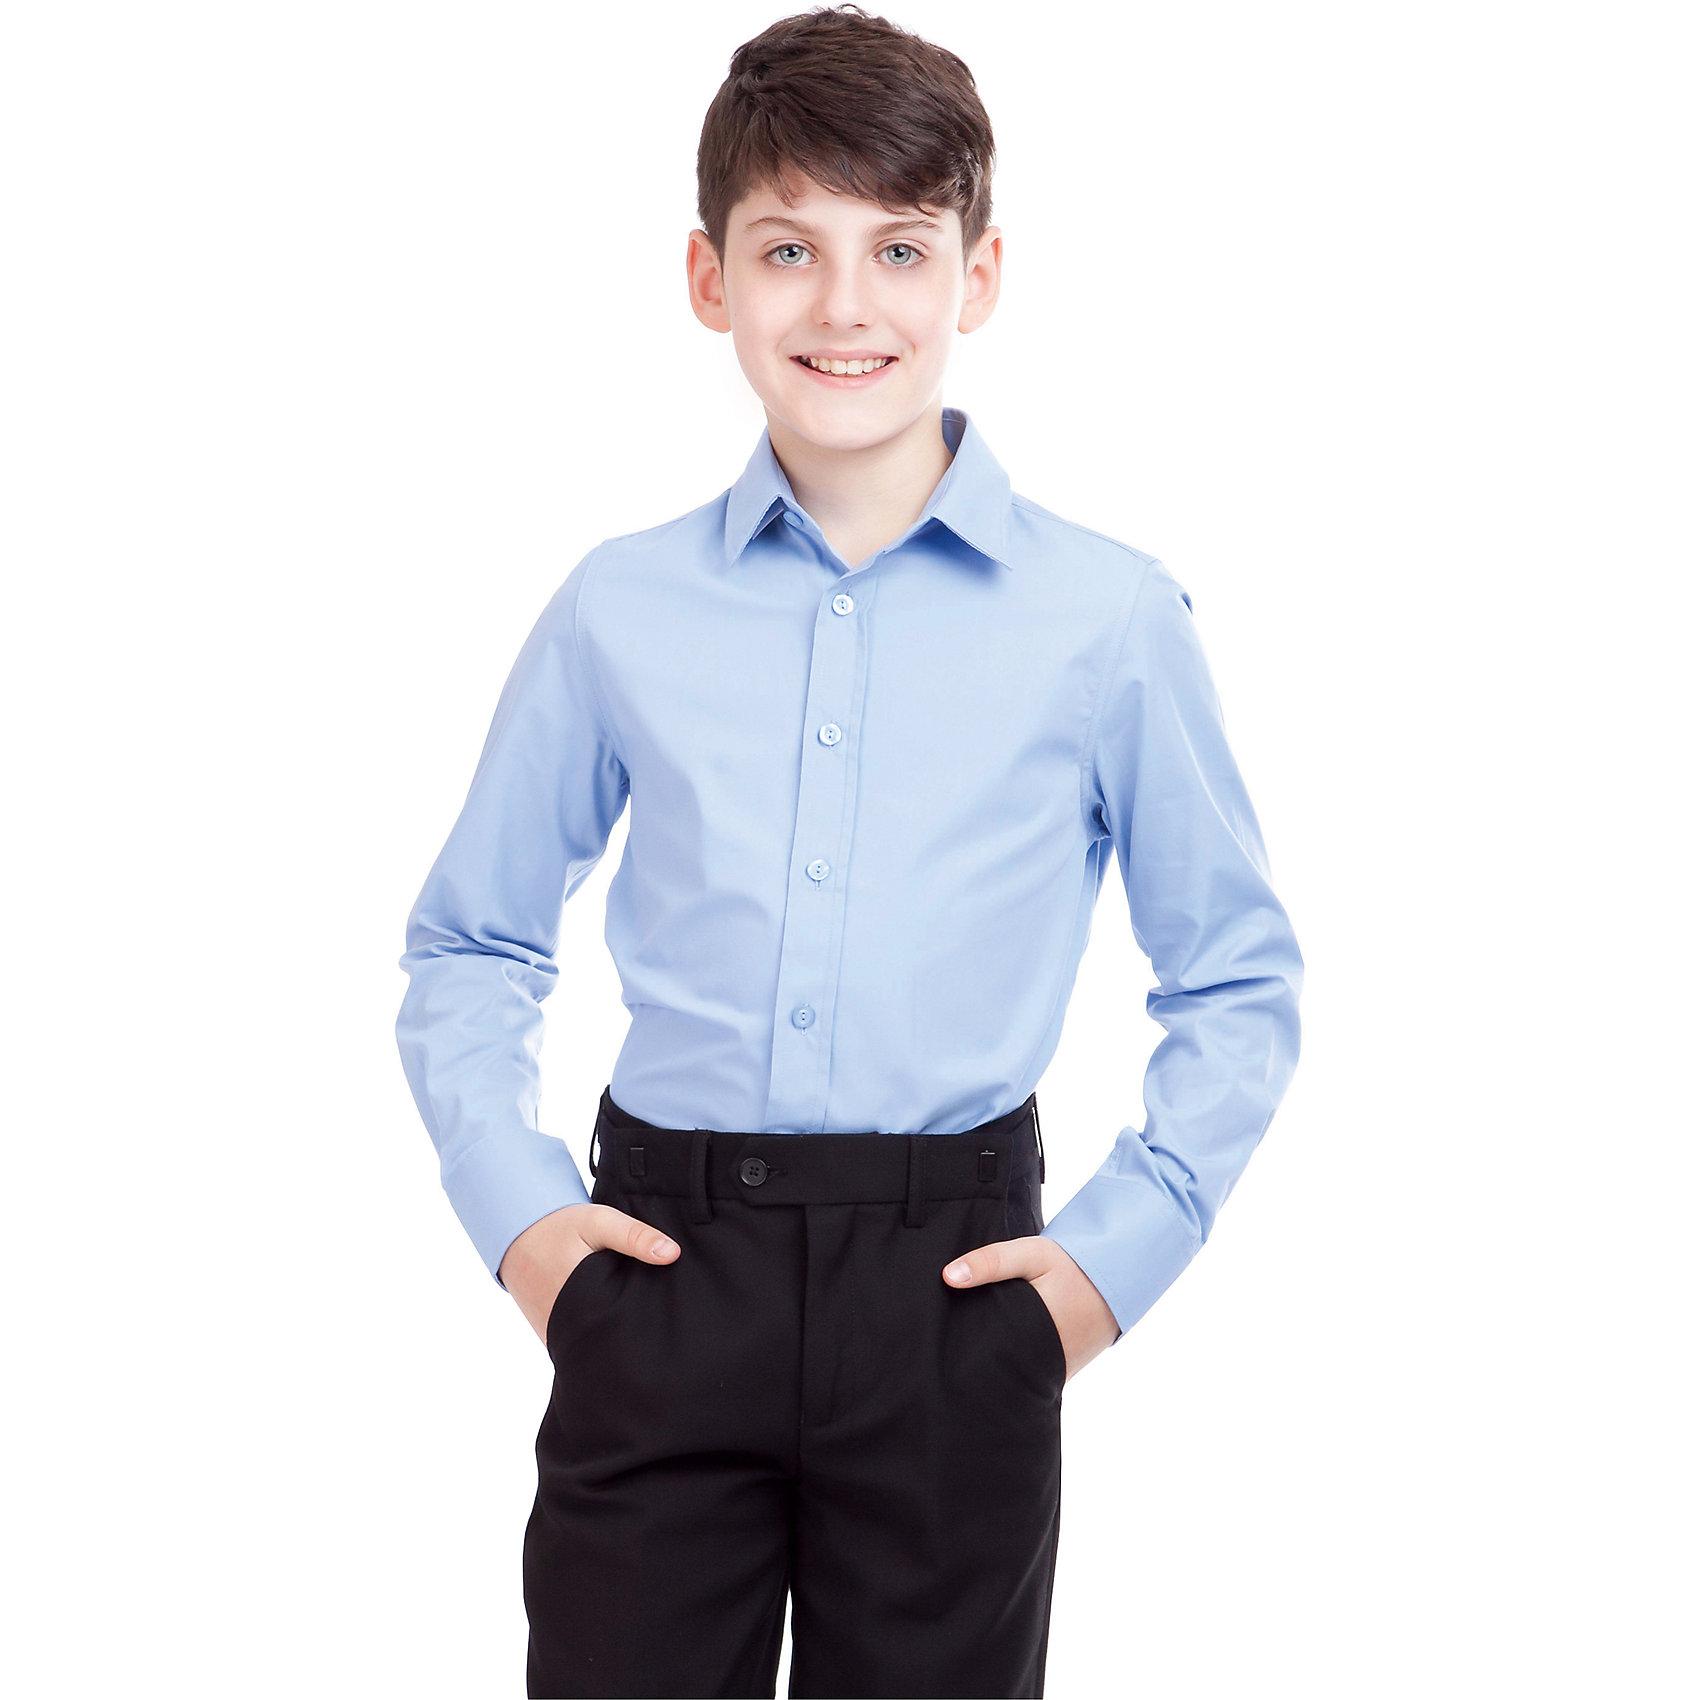 Рубашка для мальчика GulliverРубашка для мальчика от российского бренда Gulliver.<br>Классическая голубая рубашка - достойное дополнение к строгому школьному костюму. Ребенок в ней  - настоящий мужчина,  с серьезным и ответственным подходом к делу.  Современный крой обеспечивает прекрасную посадку изделия на фигуре.<br>Состав:<br>80%Хлопок 20%Полиэстер<br><br>Ширина мм: 174<br>Глубина мм: 10<br>Высота мм: 169<br>Вес г: 157<br>Цвет: голубой<br>Возраст от месяцев: 144<br>Возраст до месяцев: 156<br>Пол: Мужской<br>Возраст: Детский<br>Размер: 158,164,128,146,122,134,140,152<br>SKU: 4174510